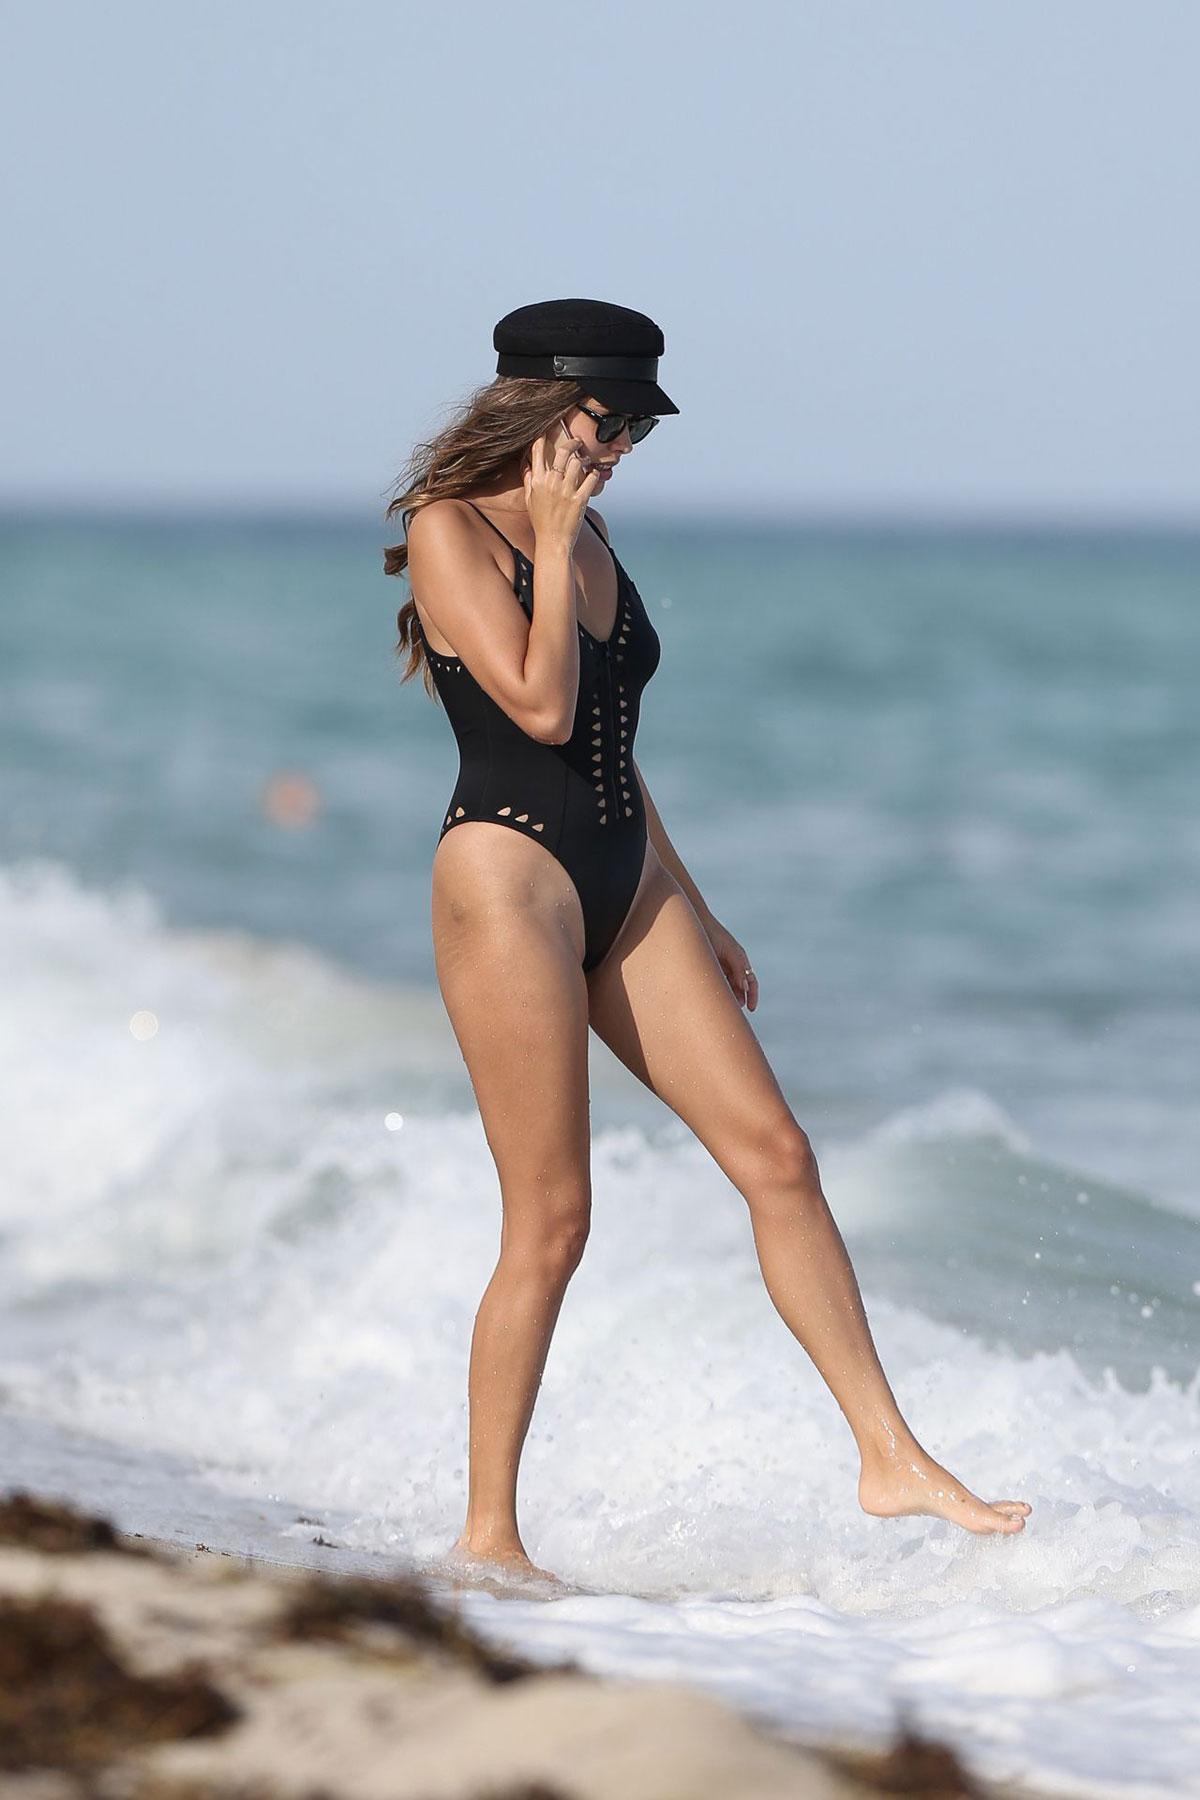 Celebrity Melody de la Fe nudes (75 photo), Ass, Fappening, Instagram, lingerie 2020